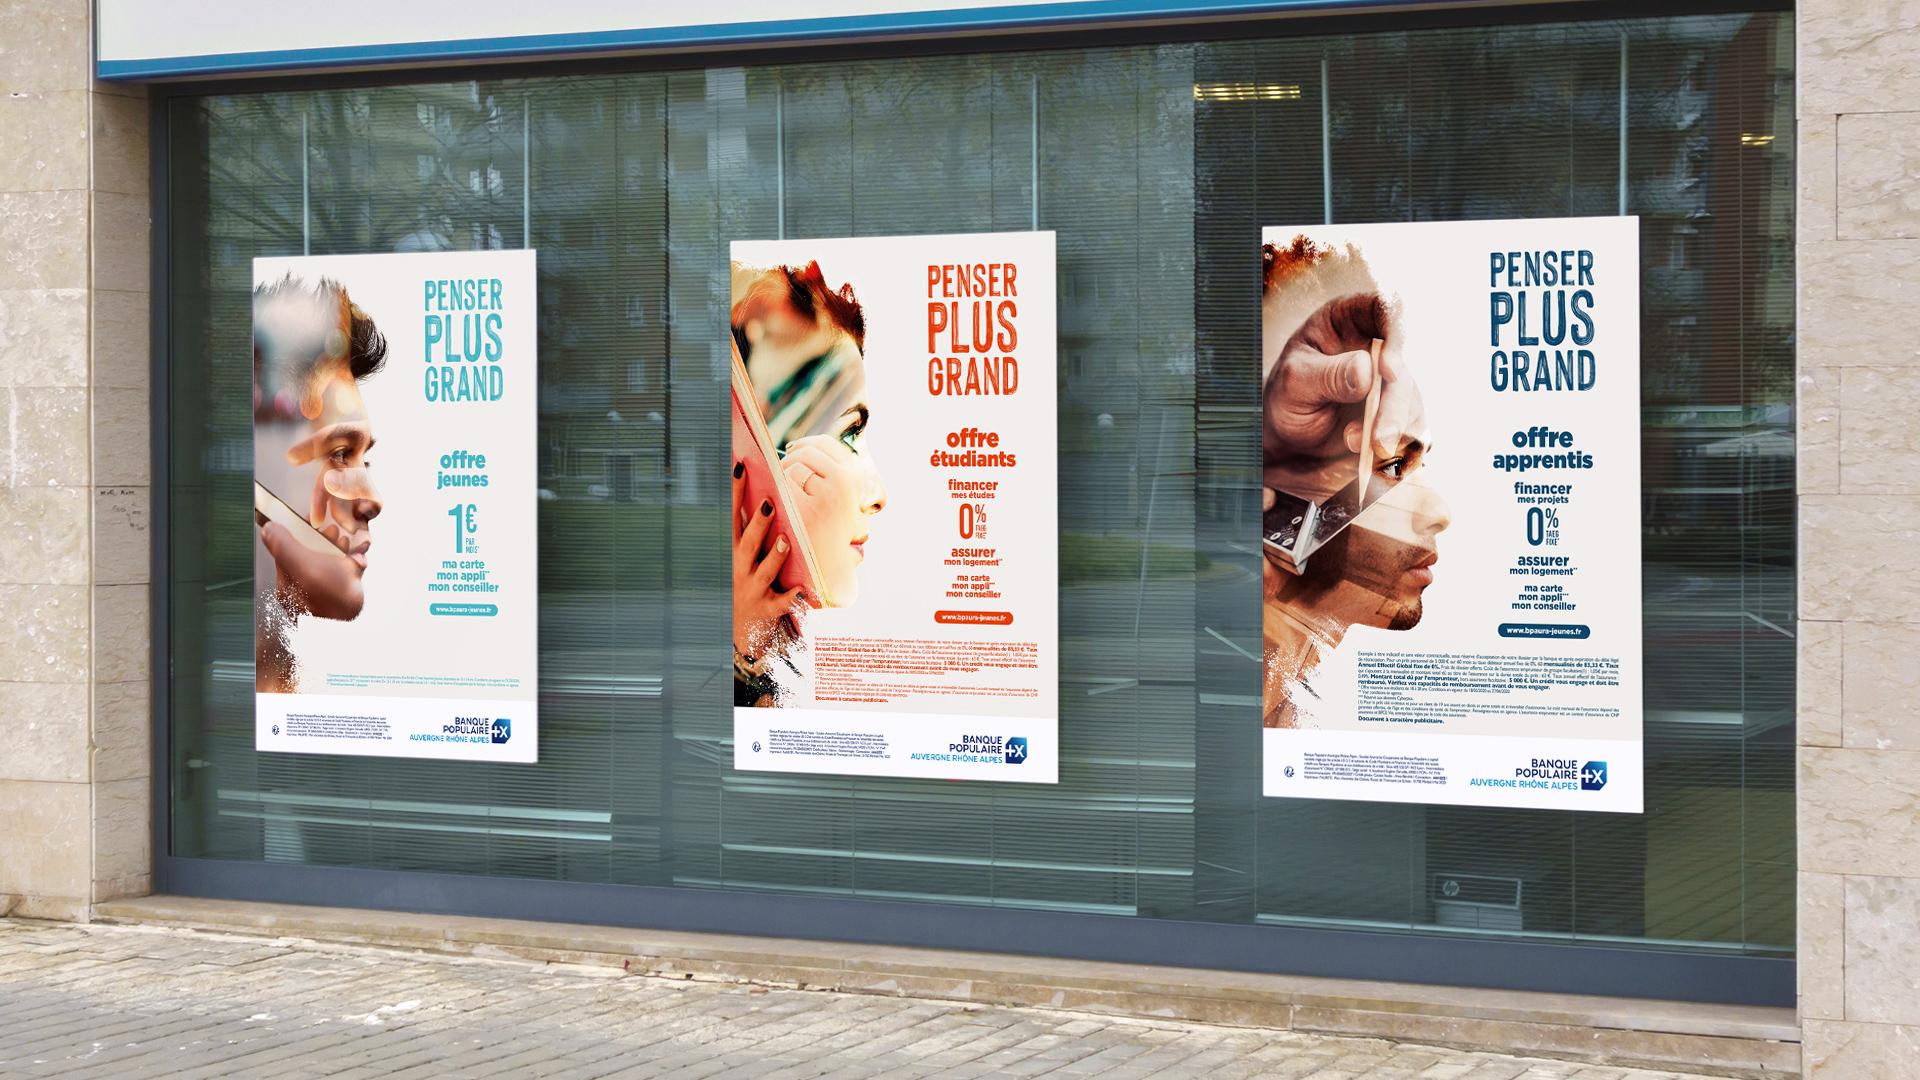 Trois affiches bleu turquoise, orange et bleu marine affichées sur les murs de la banque pour la campagne de communication jeune 2020